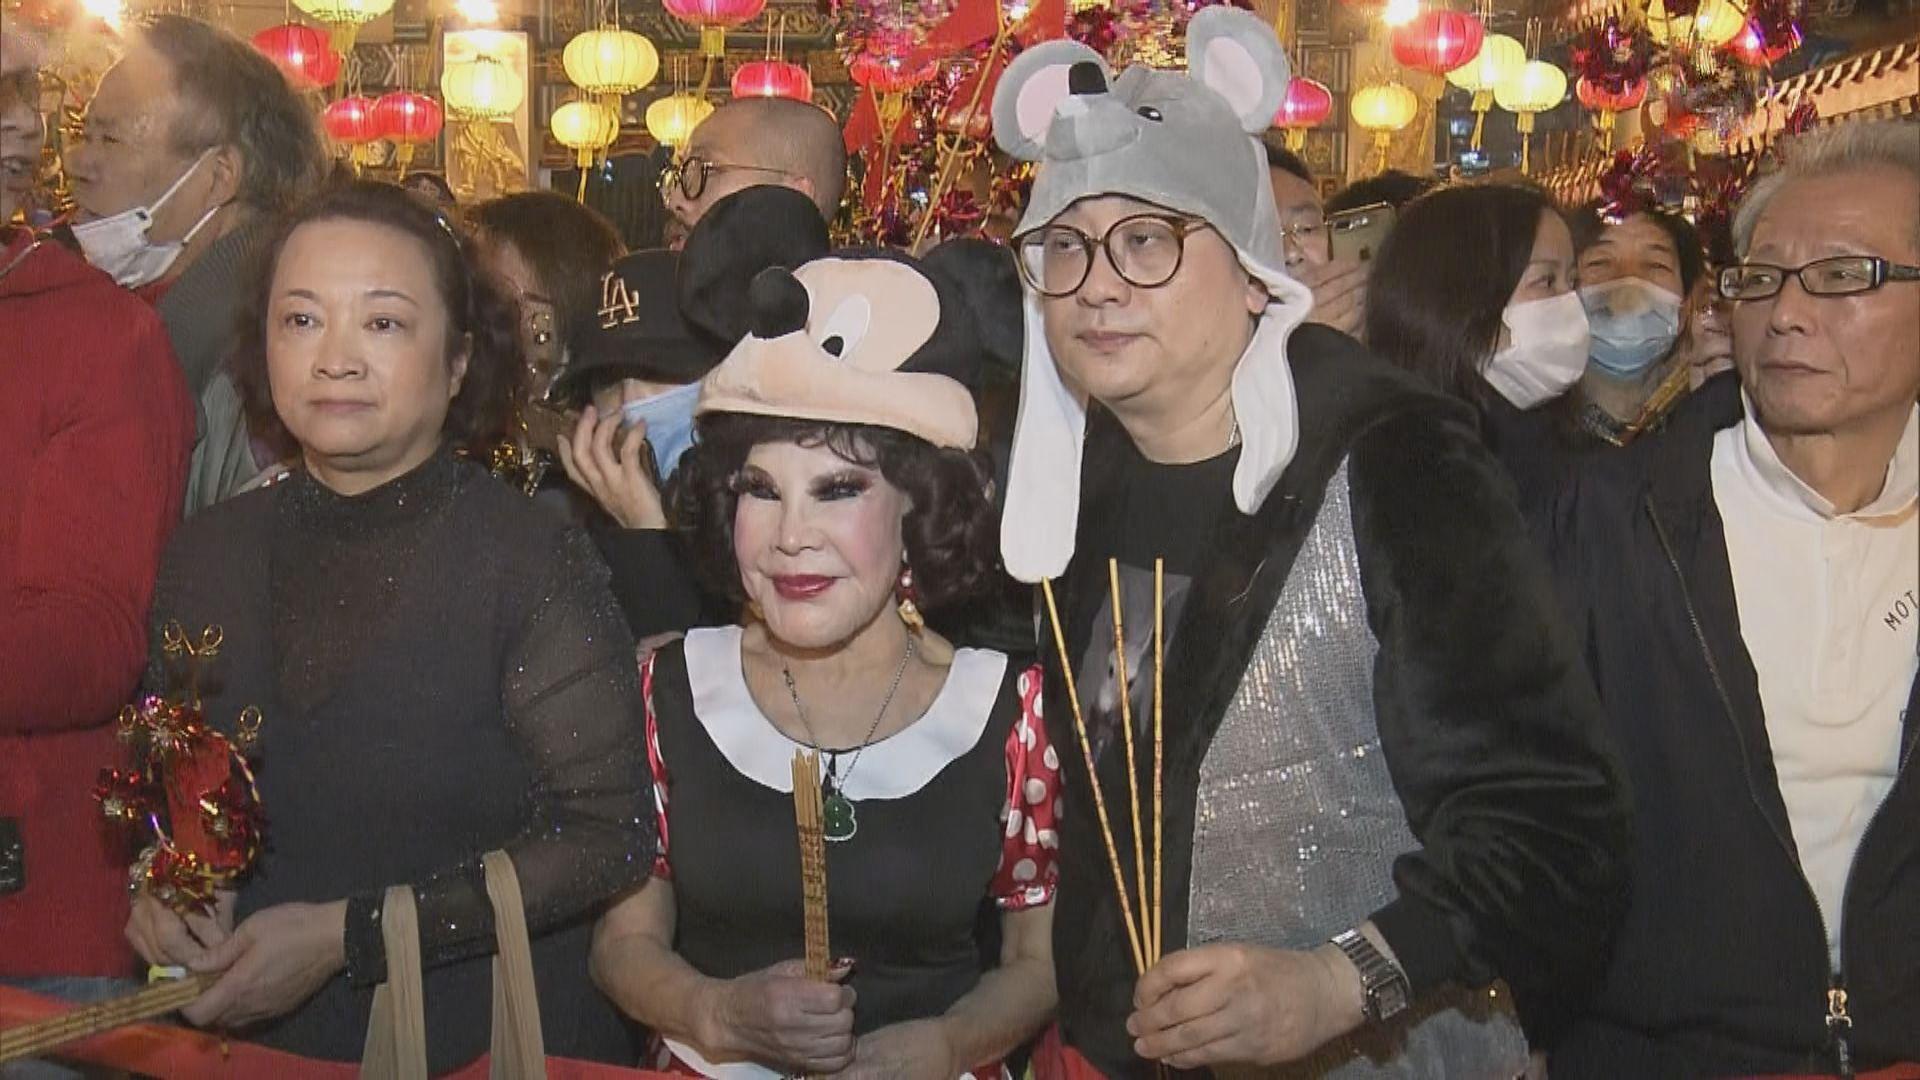 【頭炷香常客】黃夏蕙卡通人物裝扮現身黃大仙祠 向善信派百多個口罩